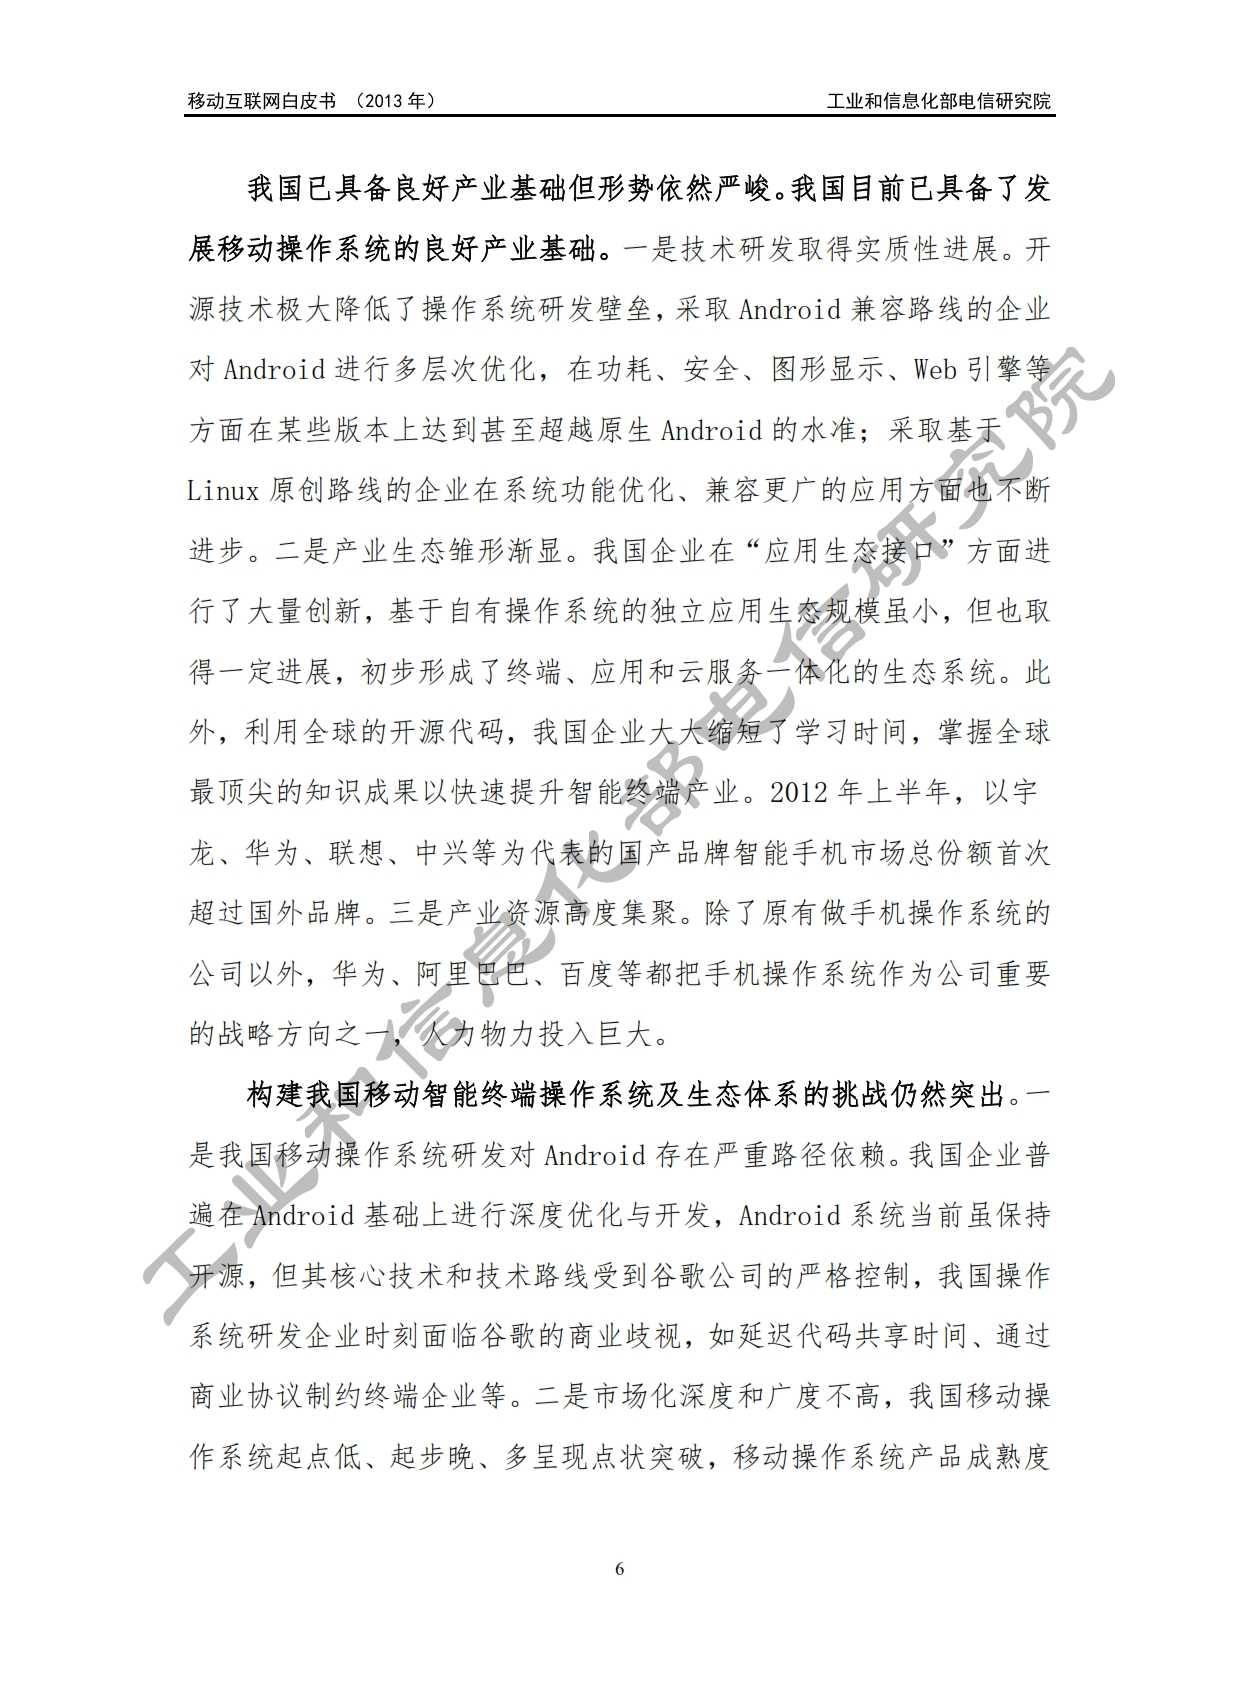 工信部:2013年中国移动互联网白皮书_010